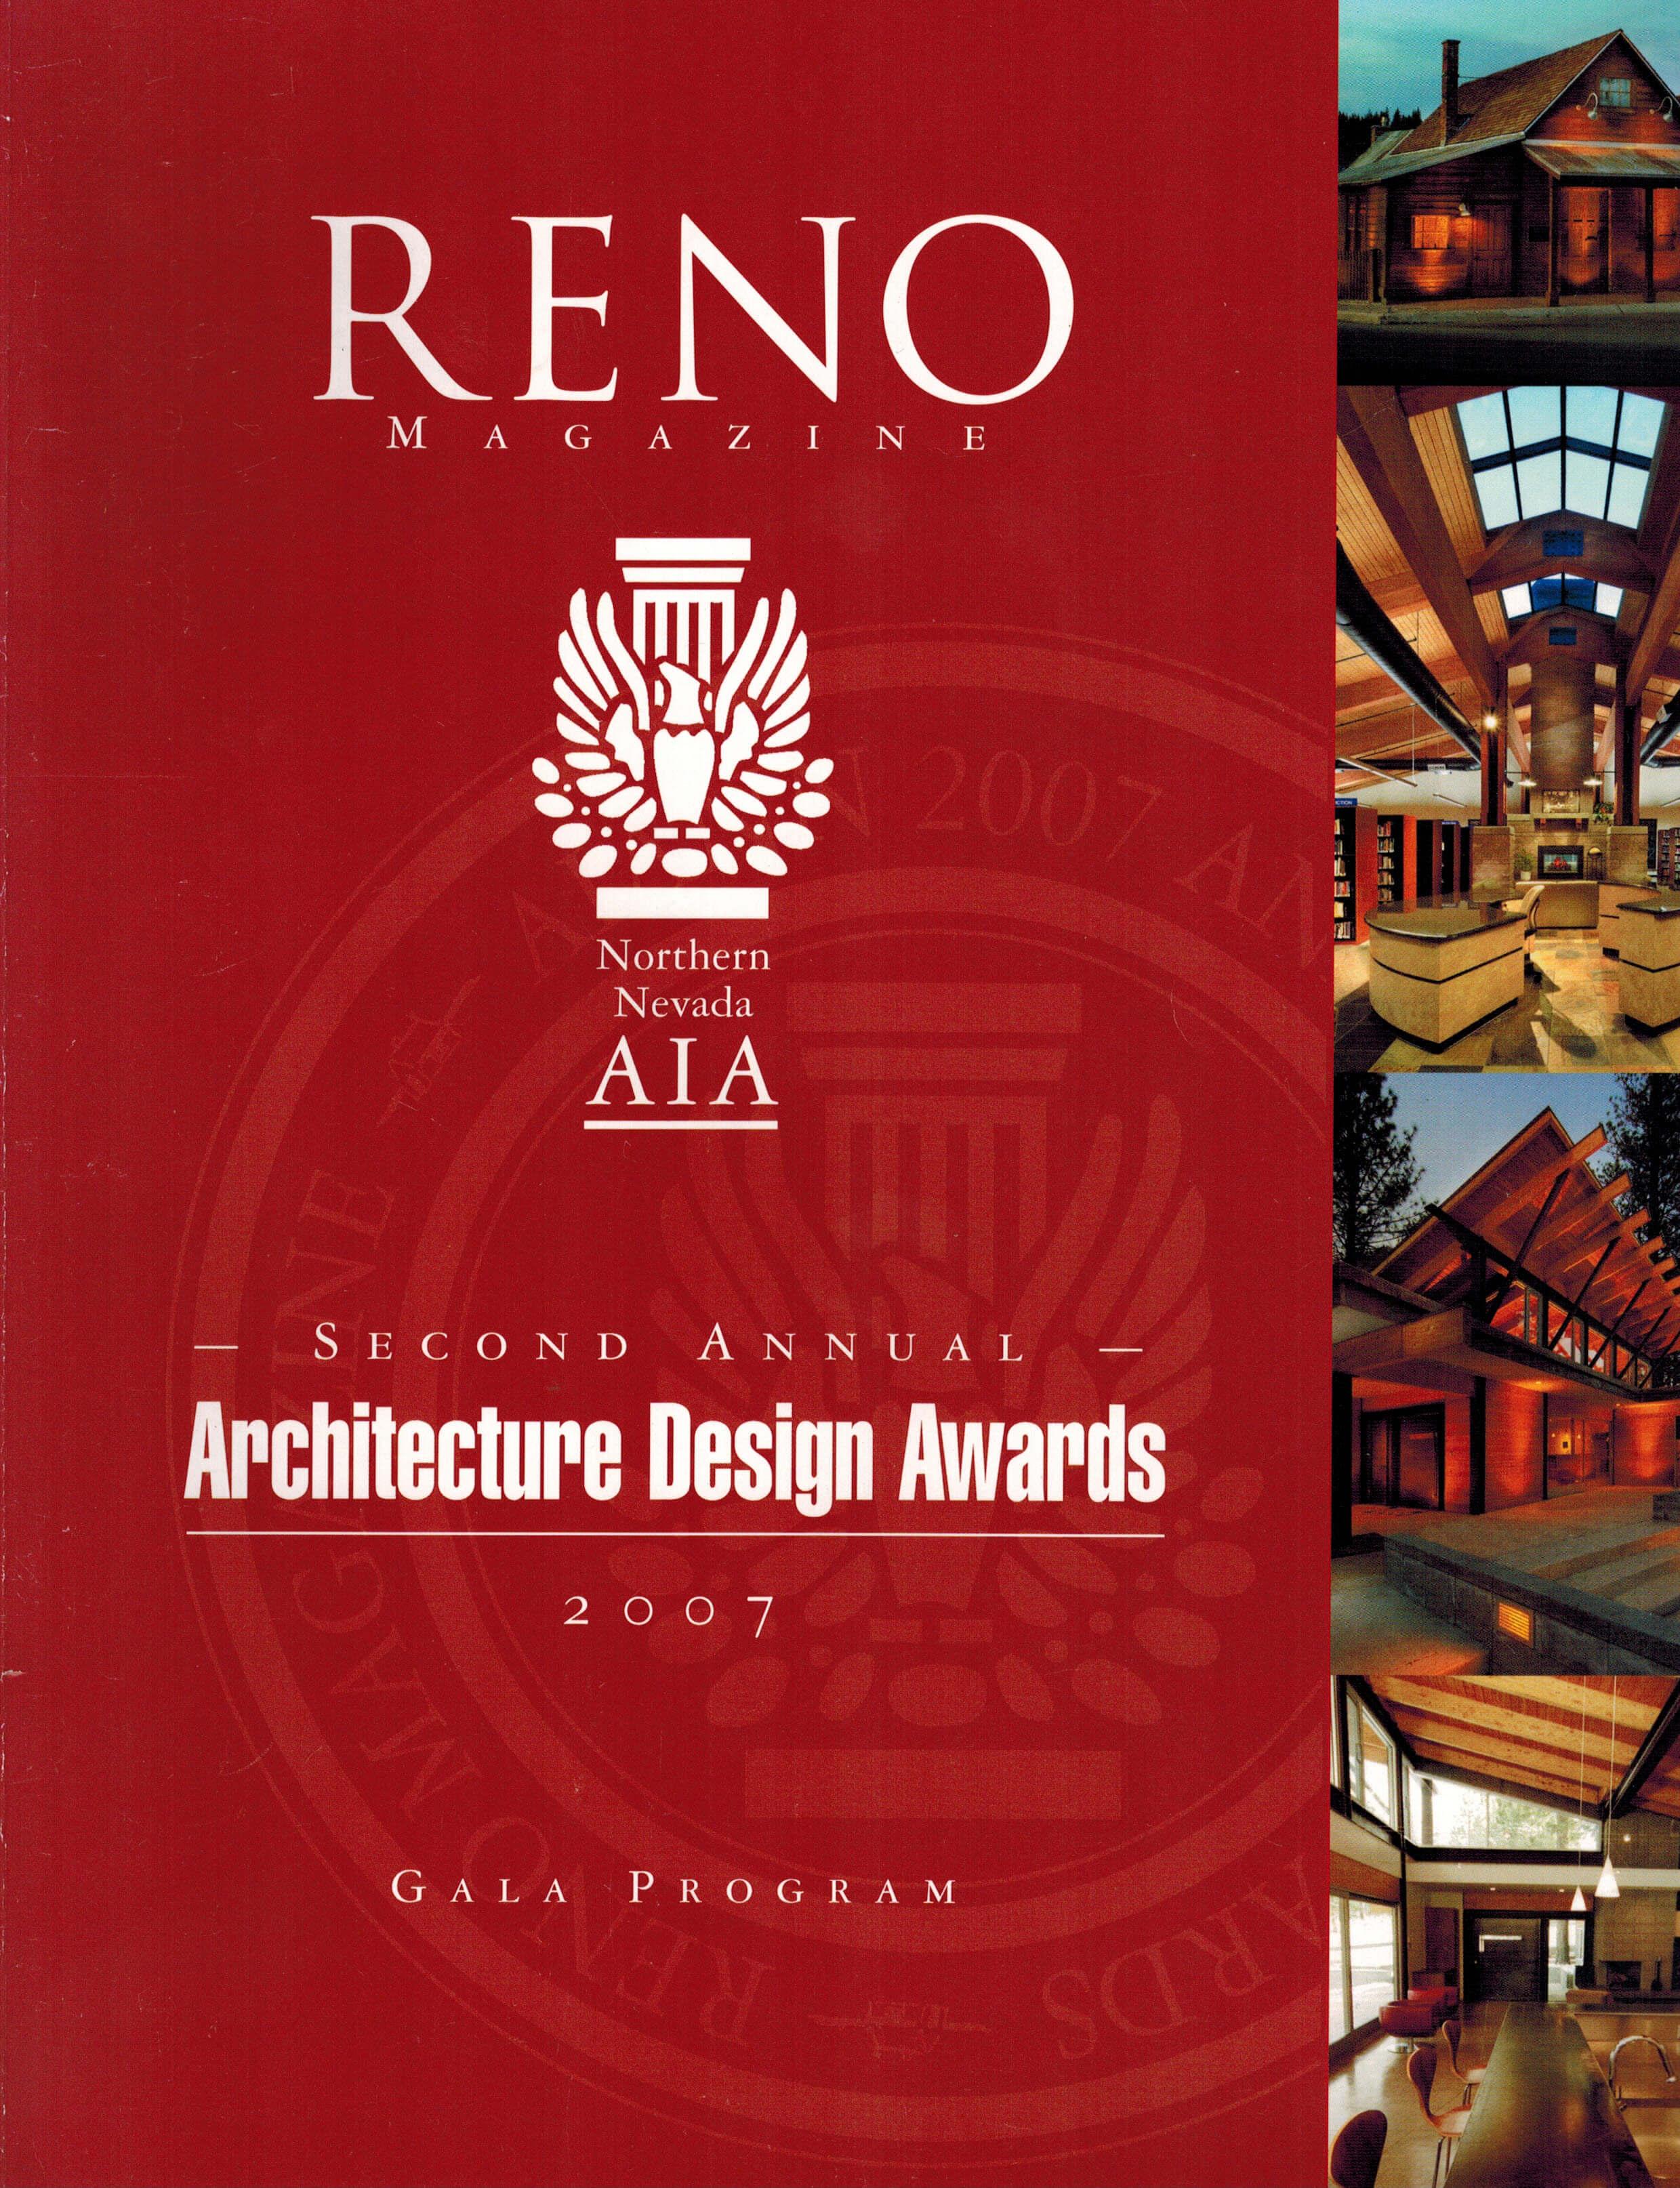 Reno Magazine Architecture Design Awards 2007_Page_1